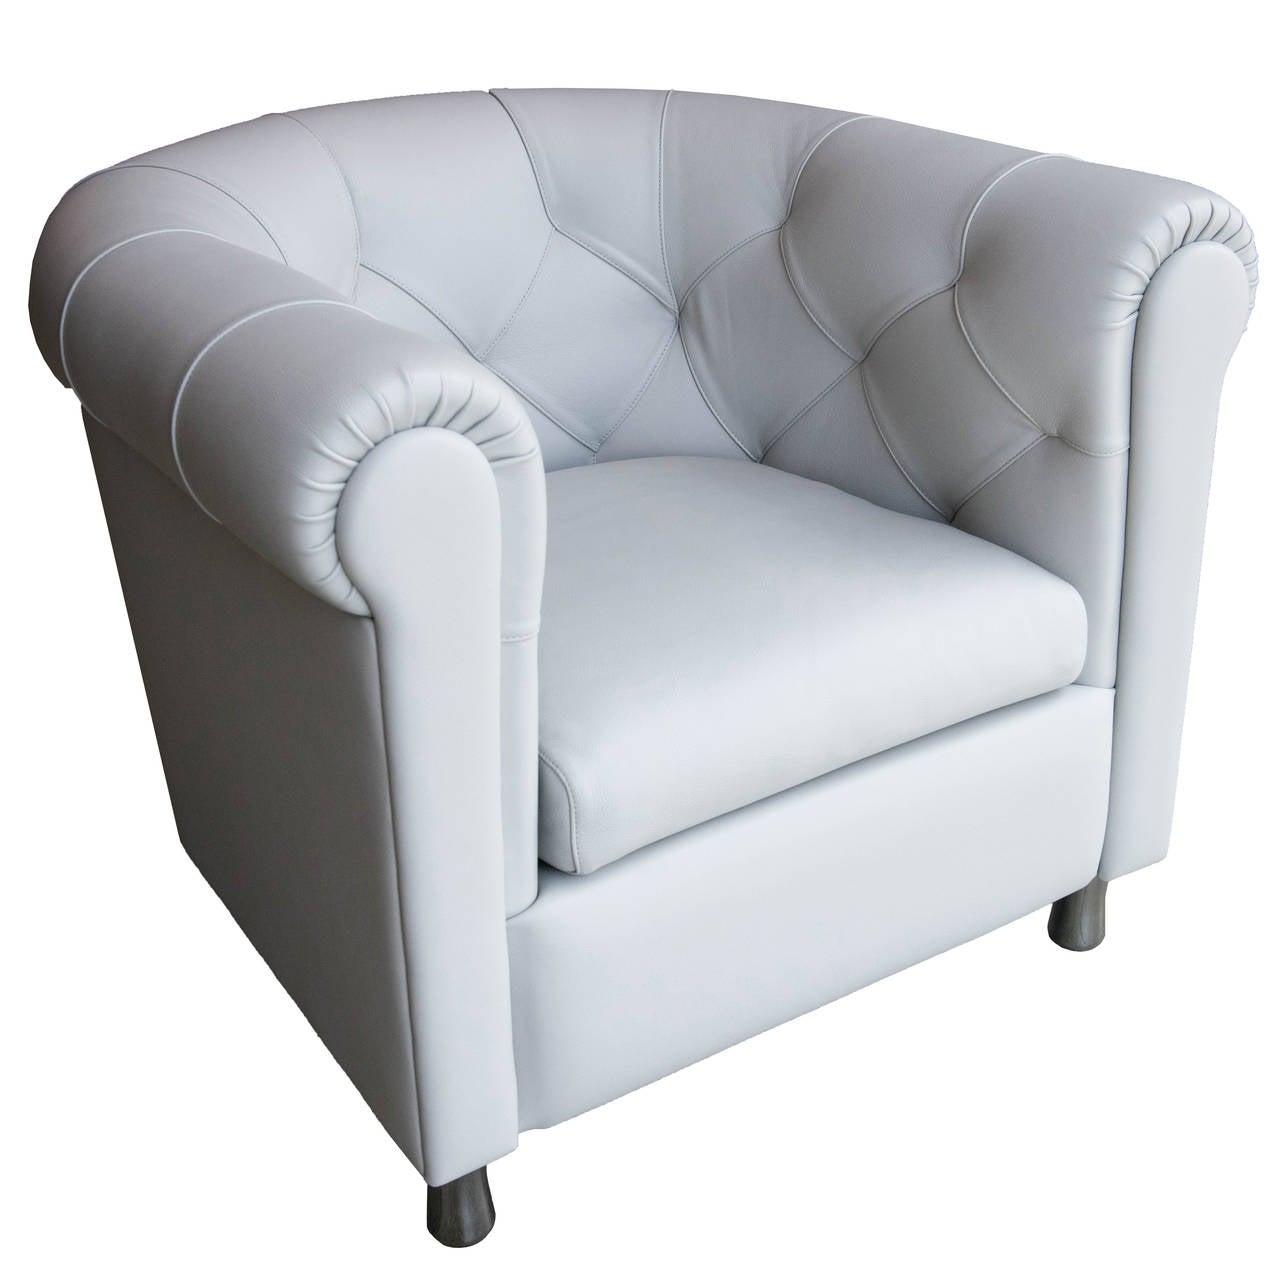 Leather sofa by poltrona frau at 1stdibs - Poltrona Frau Arcadia Armchair 1